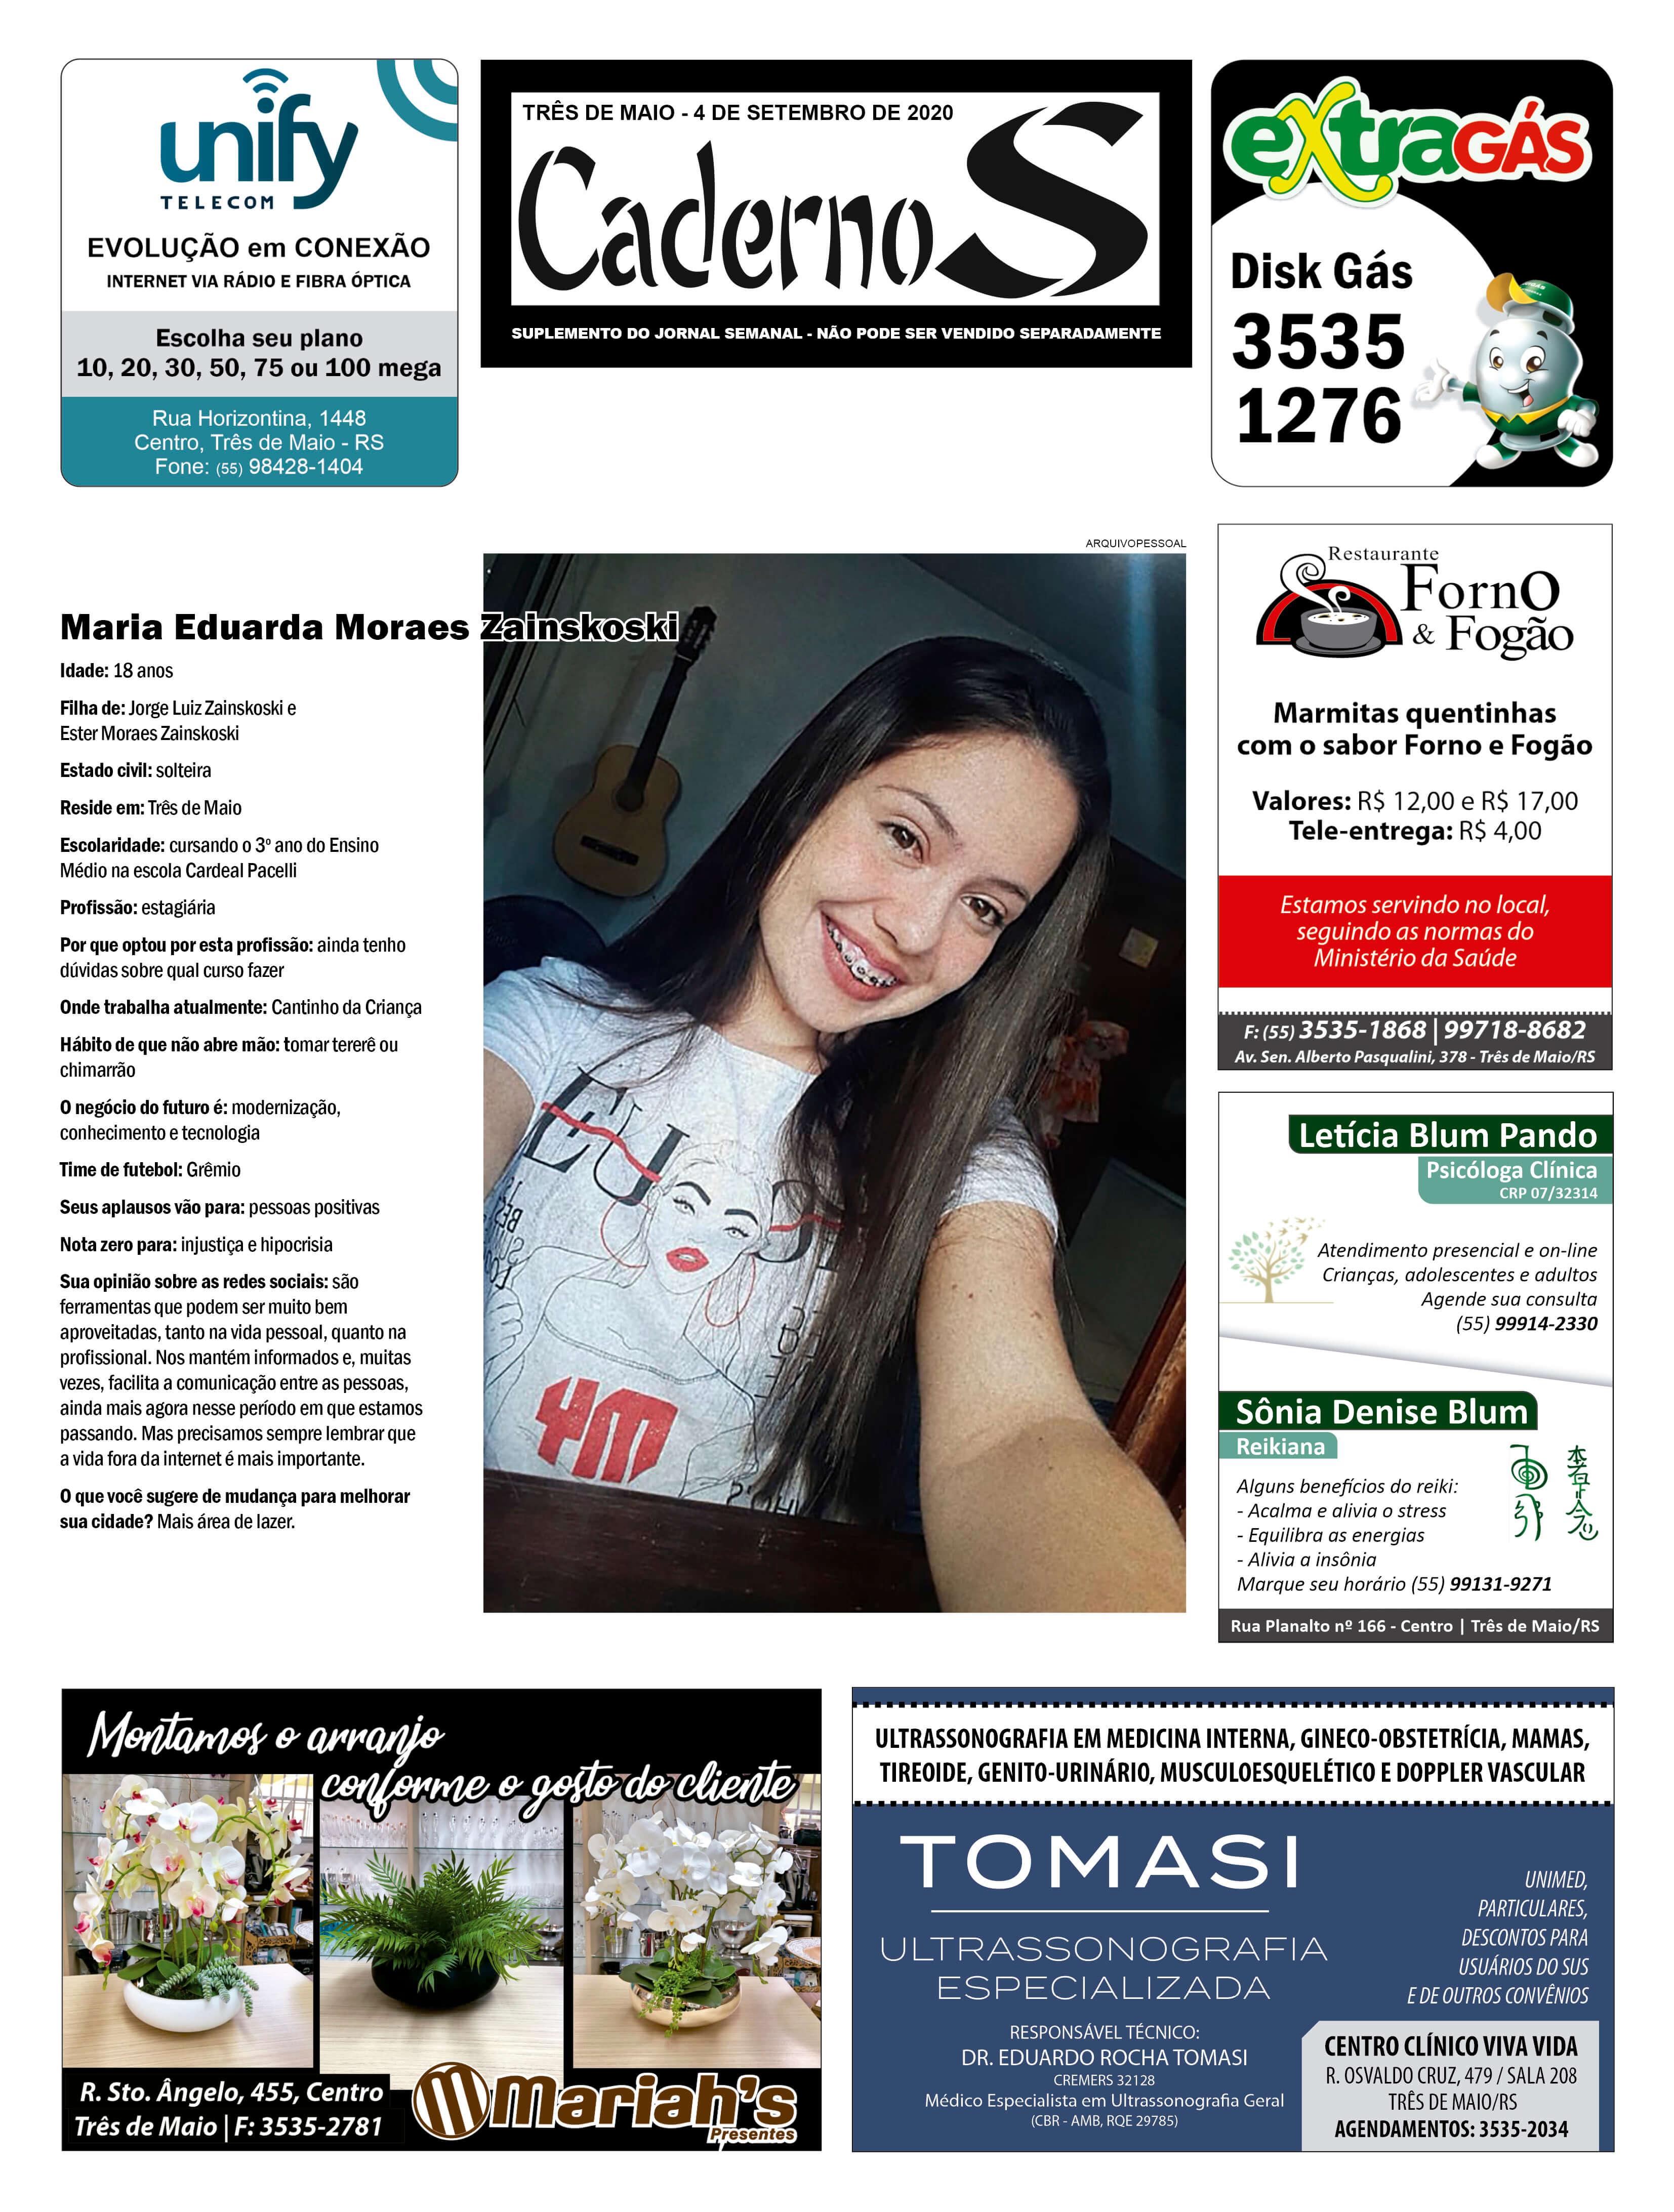 Edição 4 de setembro de 2020